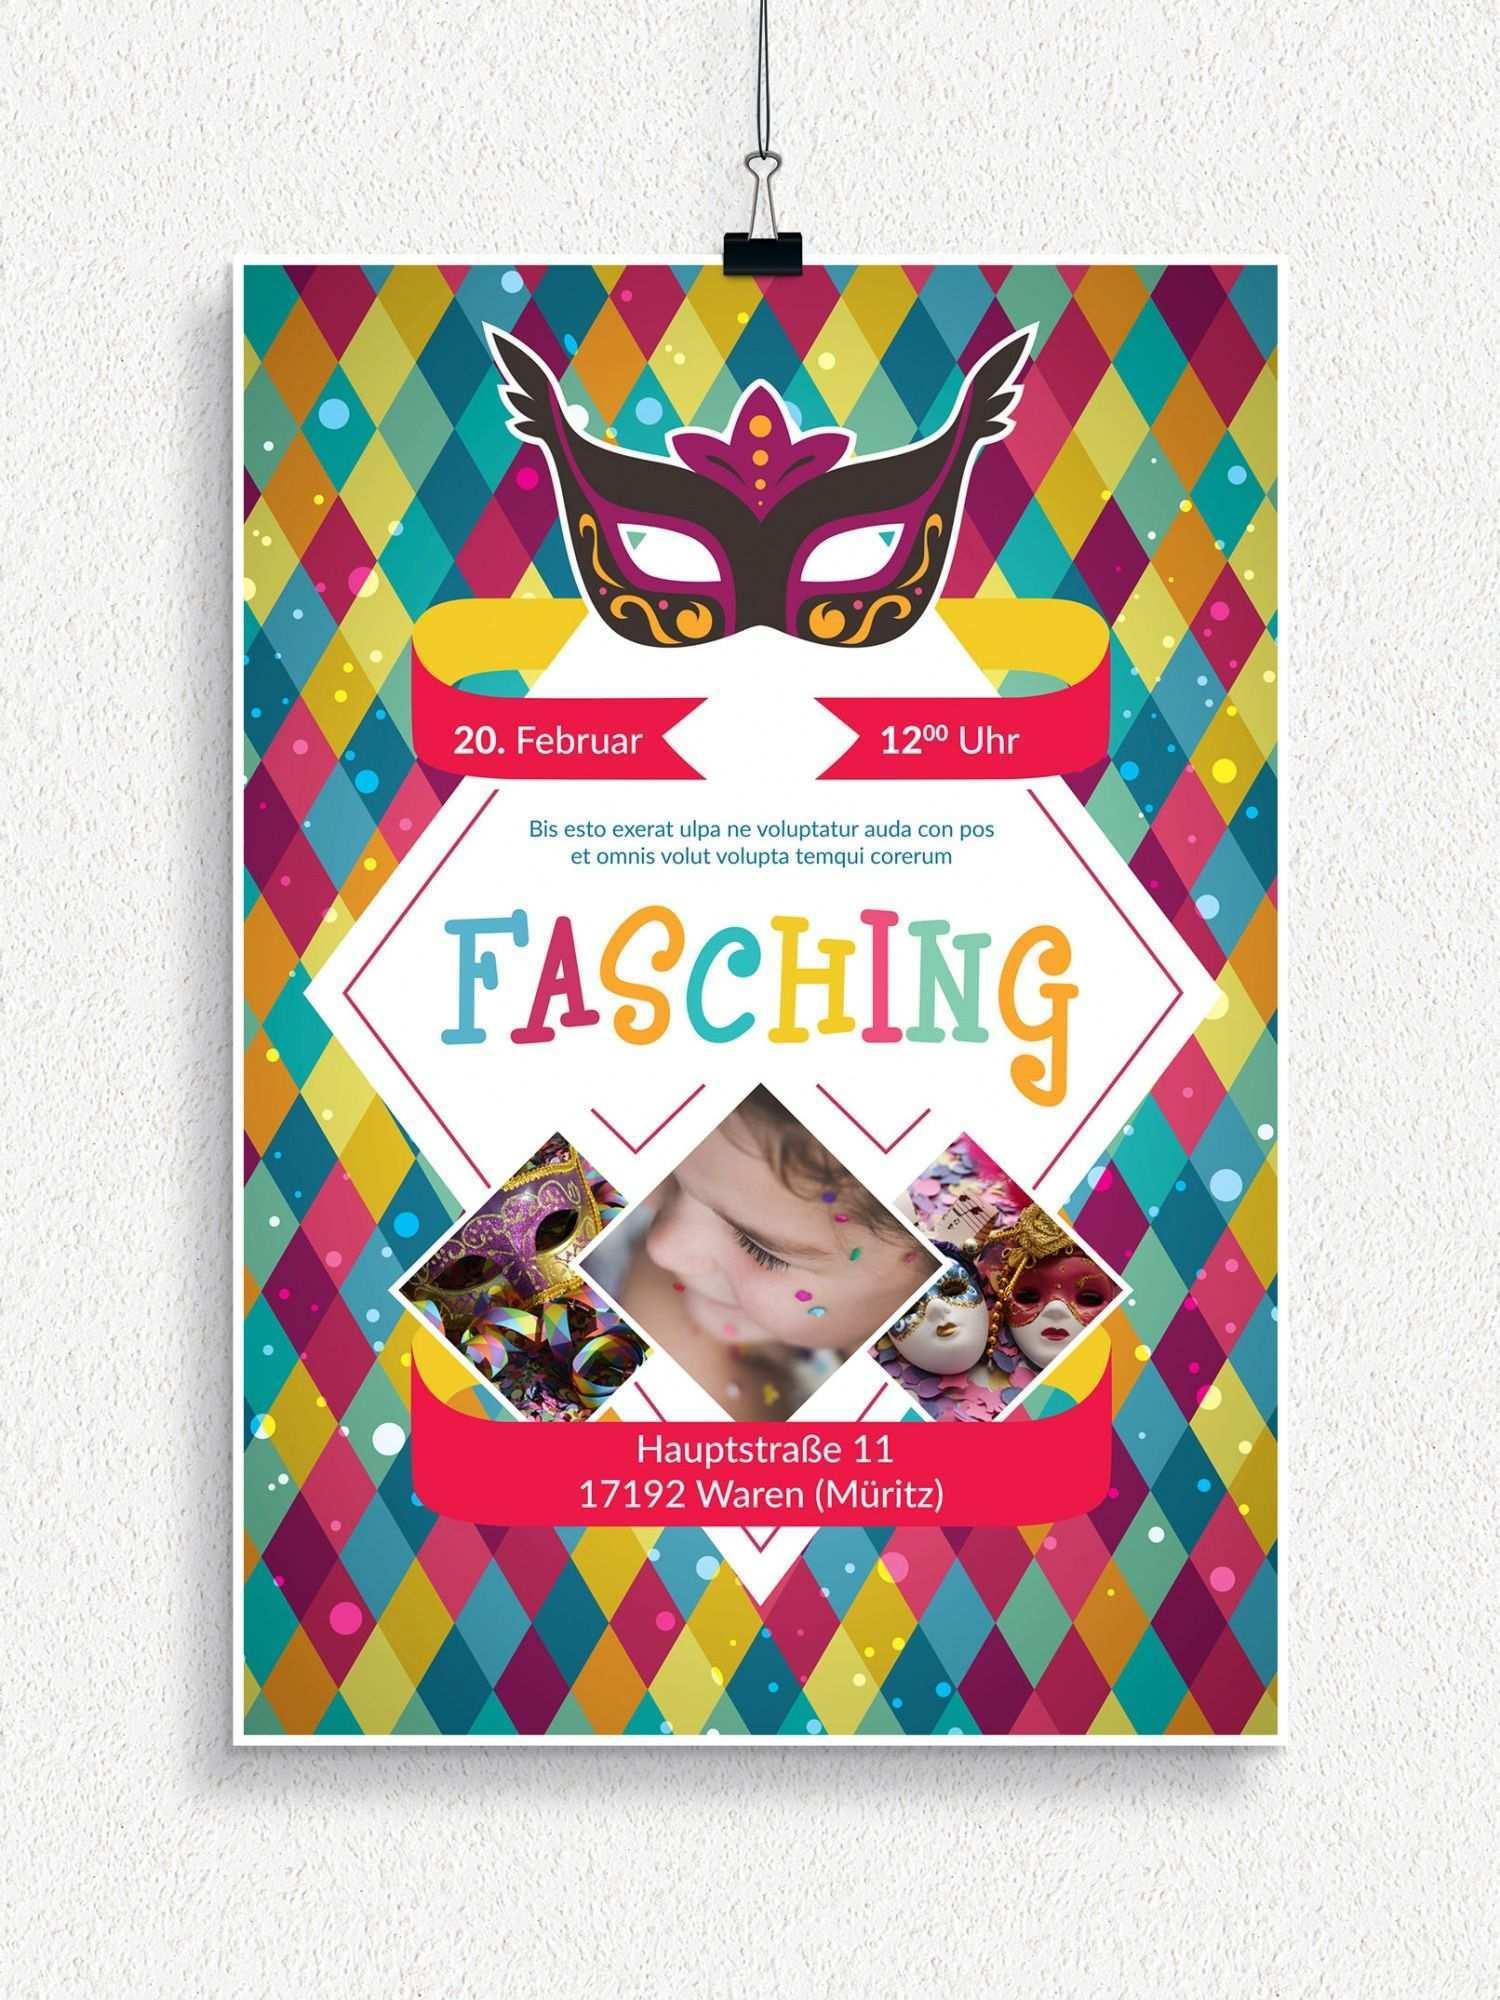 Plakat Und Flyervorlagen Fur Karneval Und Fasching Flyer Vorlage Karneval Fasching